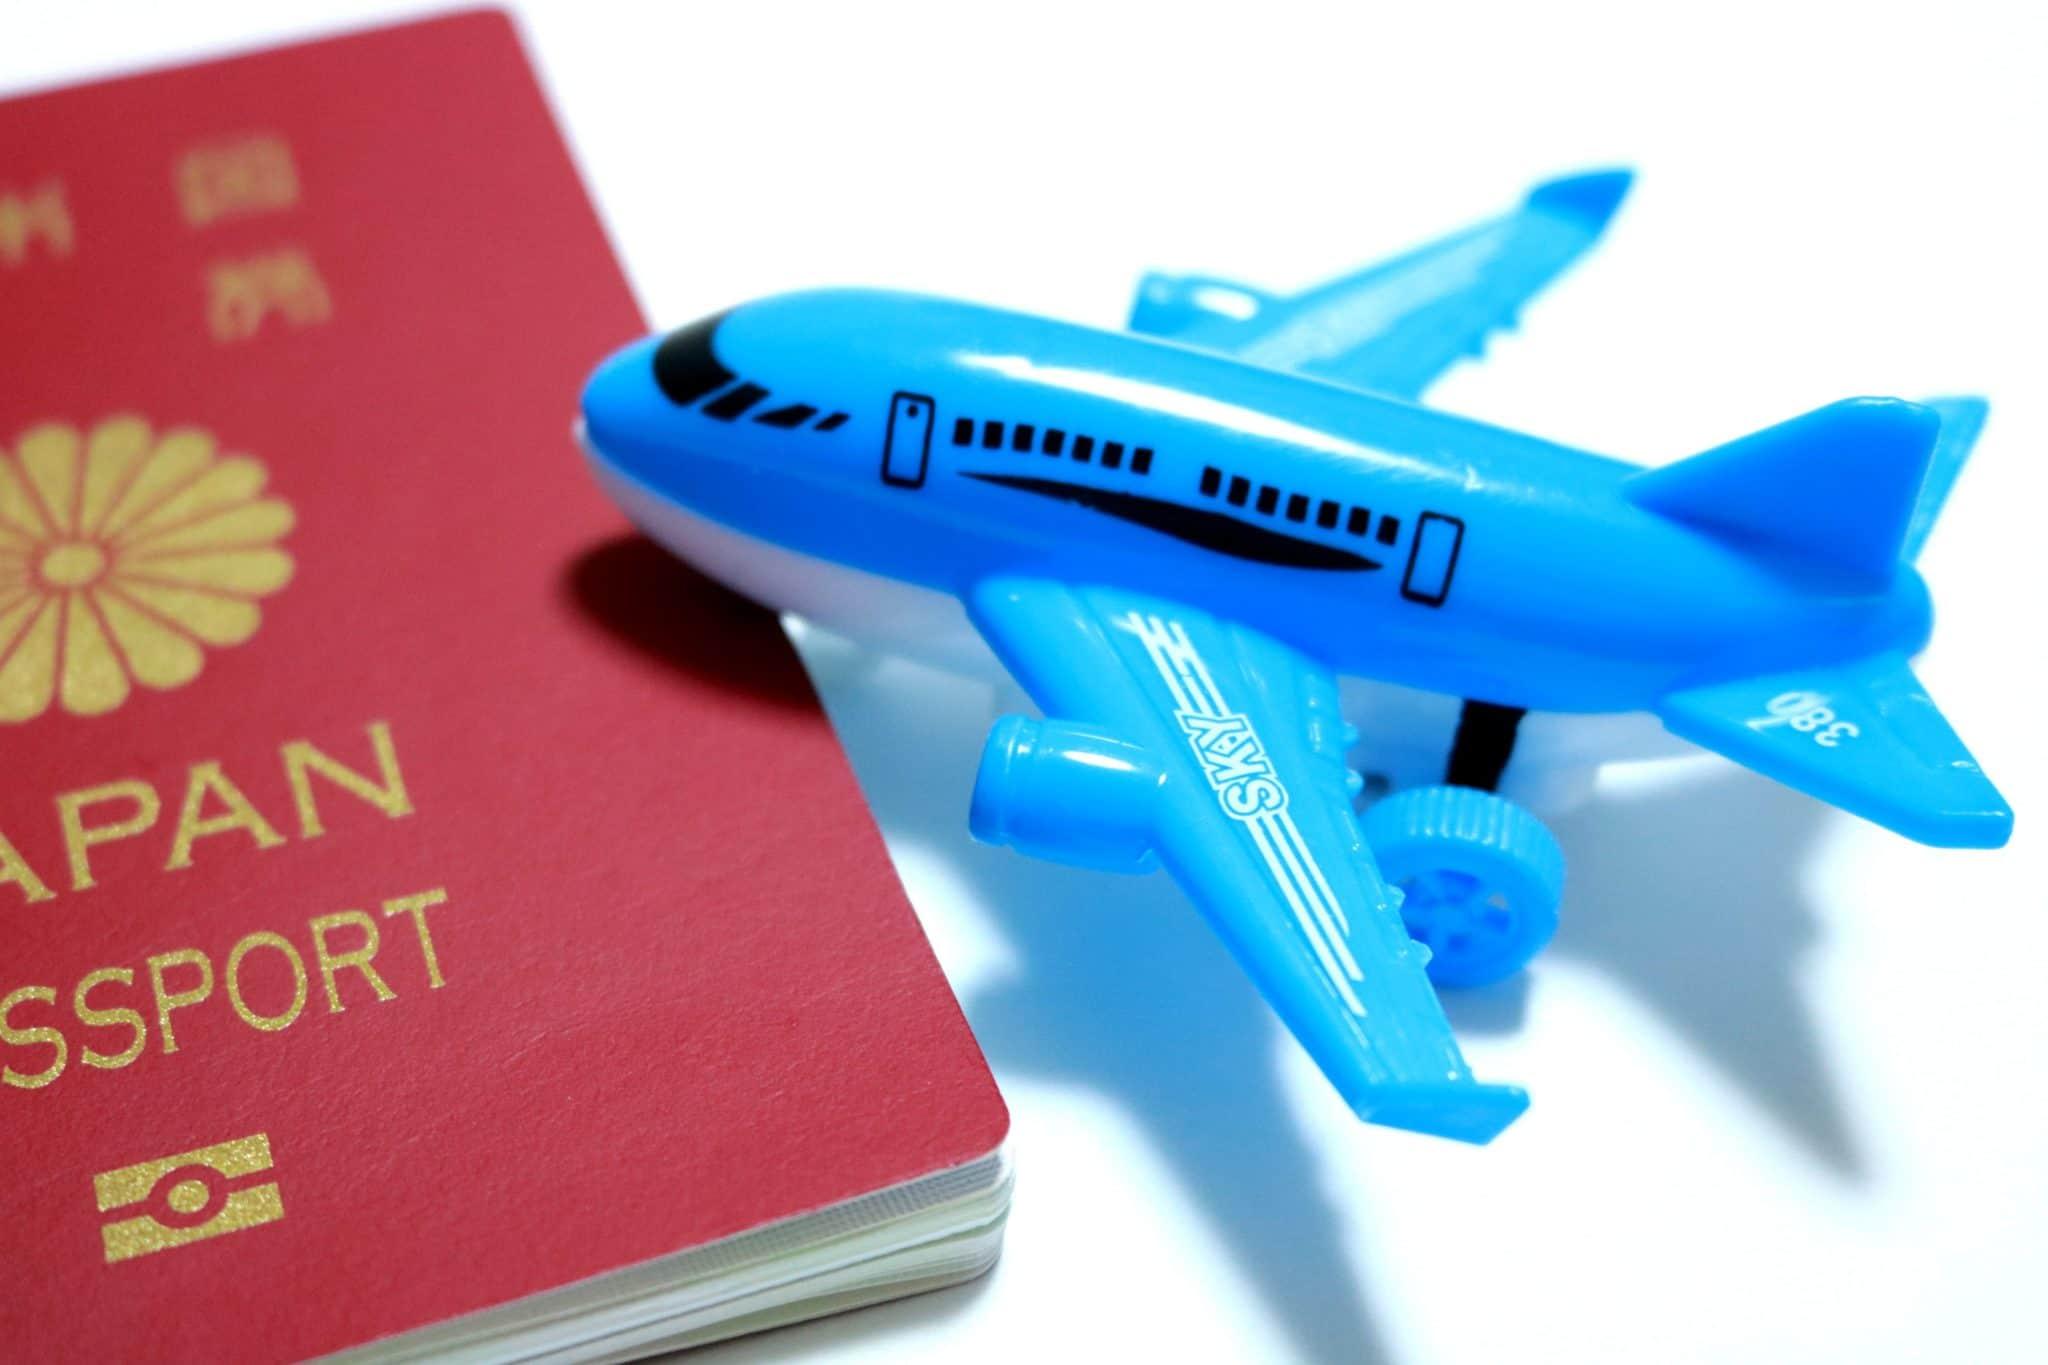 セブ島留学:パスポートと飛行機